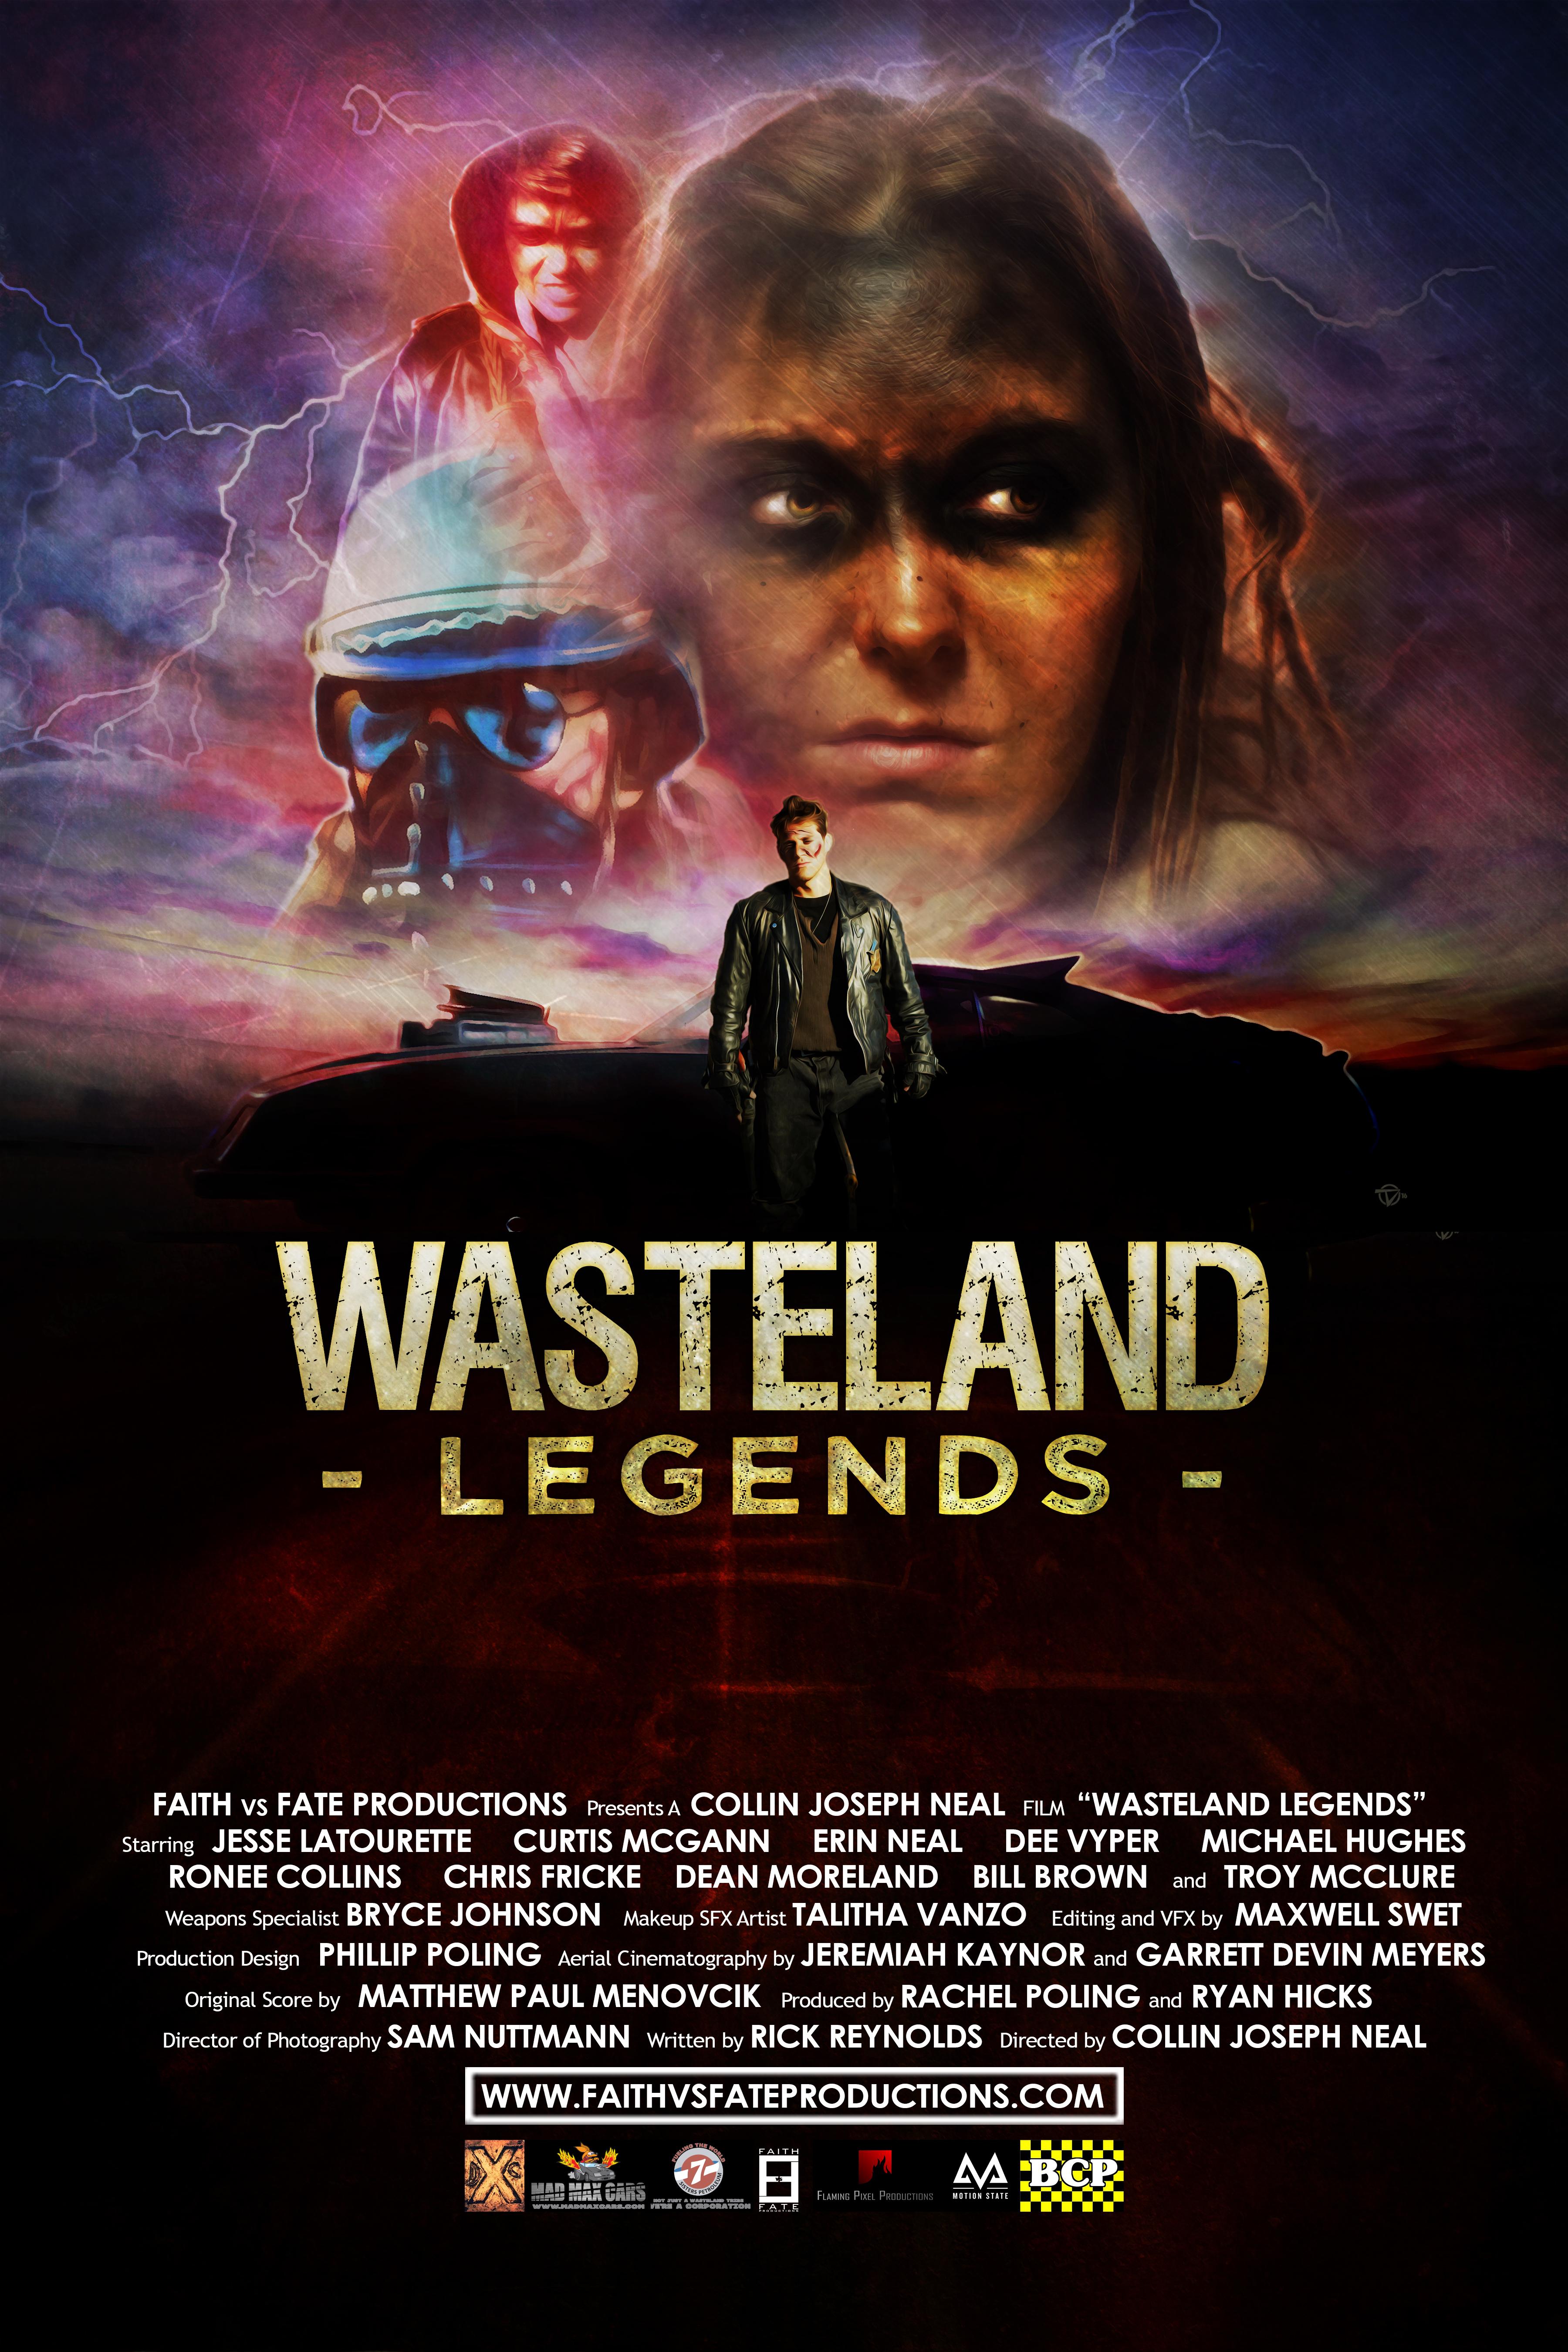 Wasteland Legends